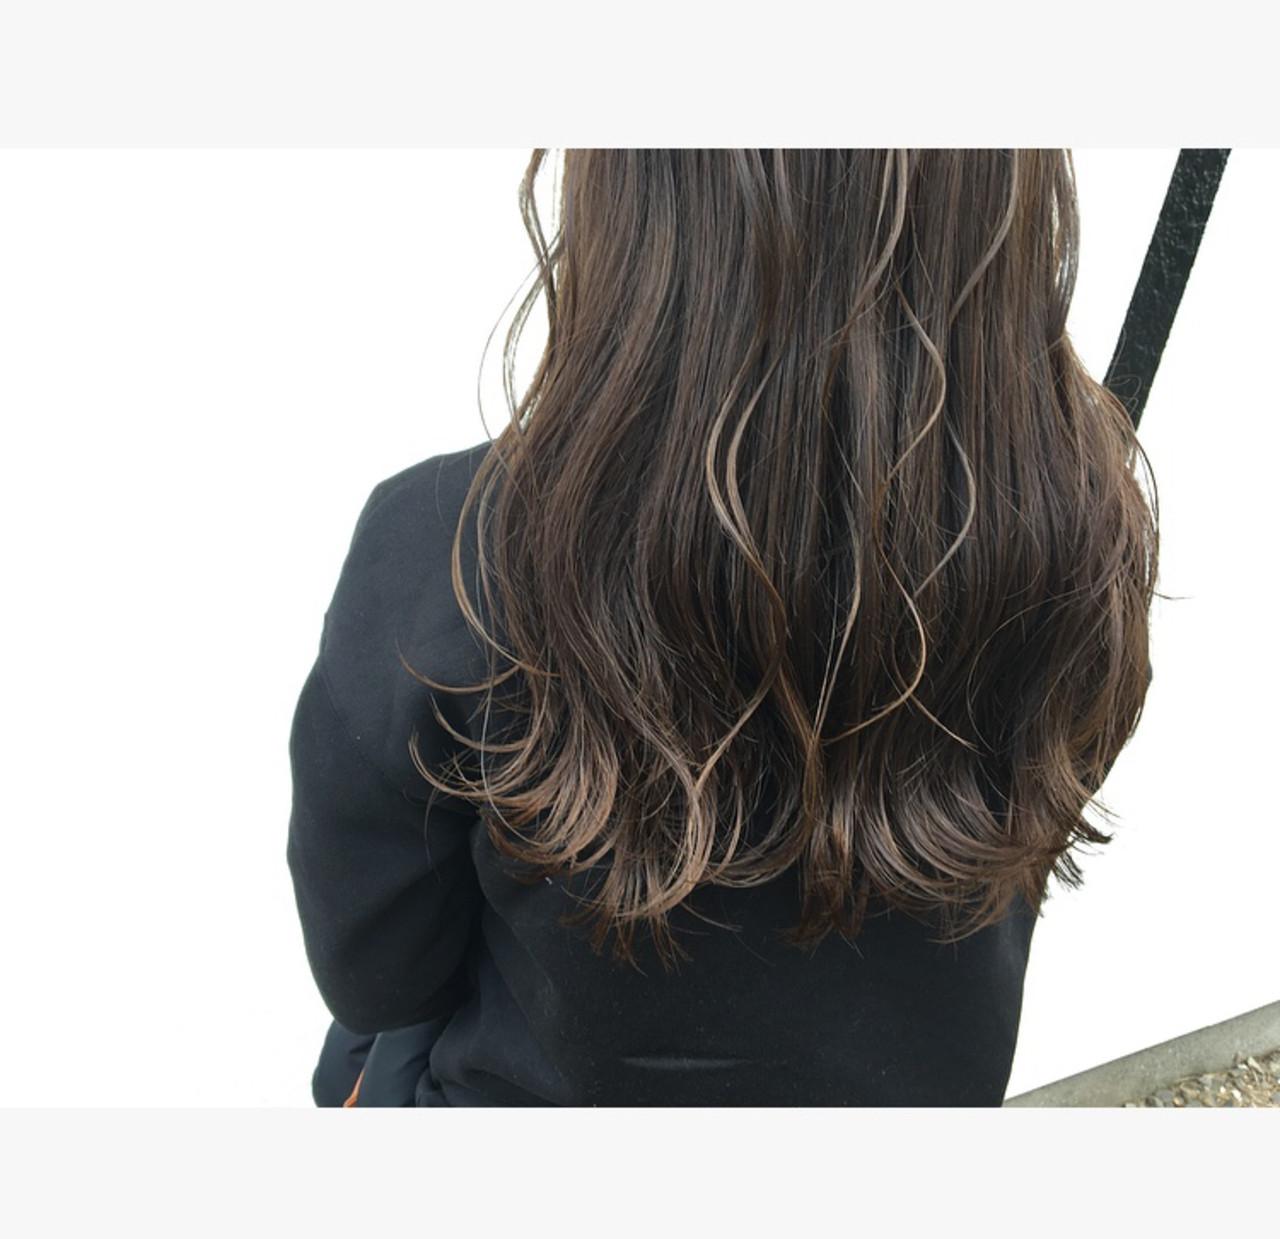 アッシュベージュ ナチュラル ハイライト 3Dハイライト ヘアスタイルや髪型の写真・画像